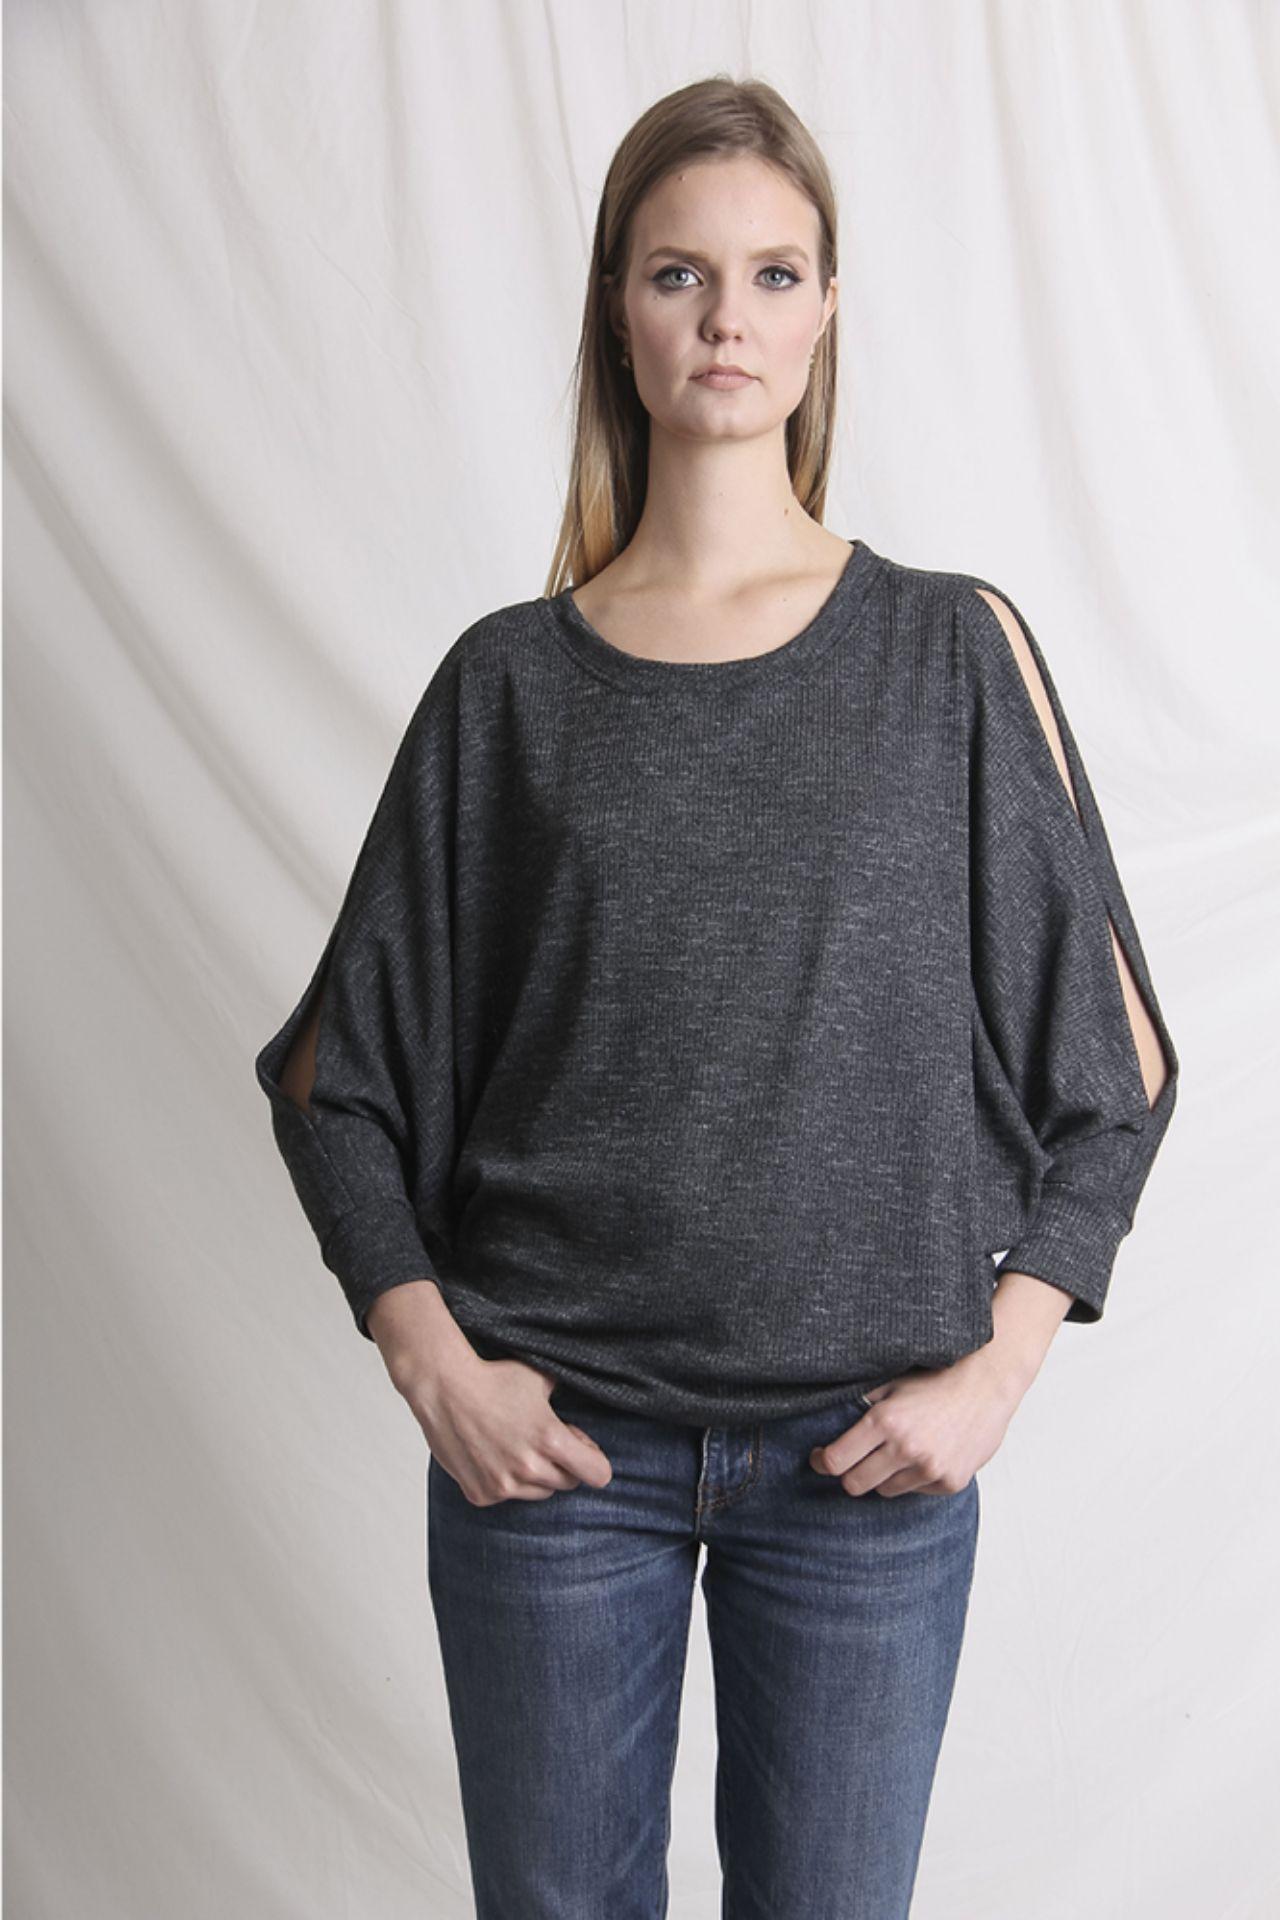 Chompa con aberturas en el hombro y brazos.  Material: algodón.  Talla Standard.  Es une estilo suelto, adaptable.  Busto Largo Mangas 176cm 63cm 58cm